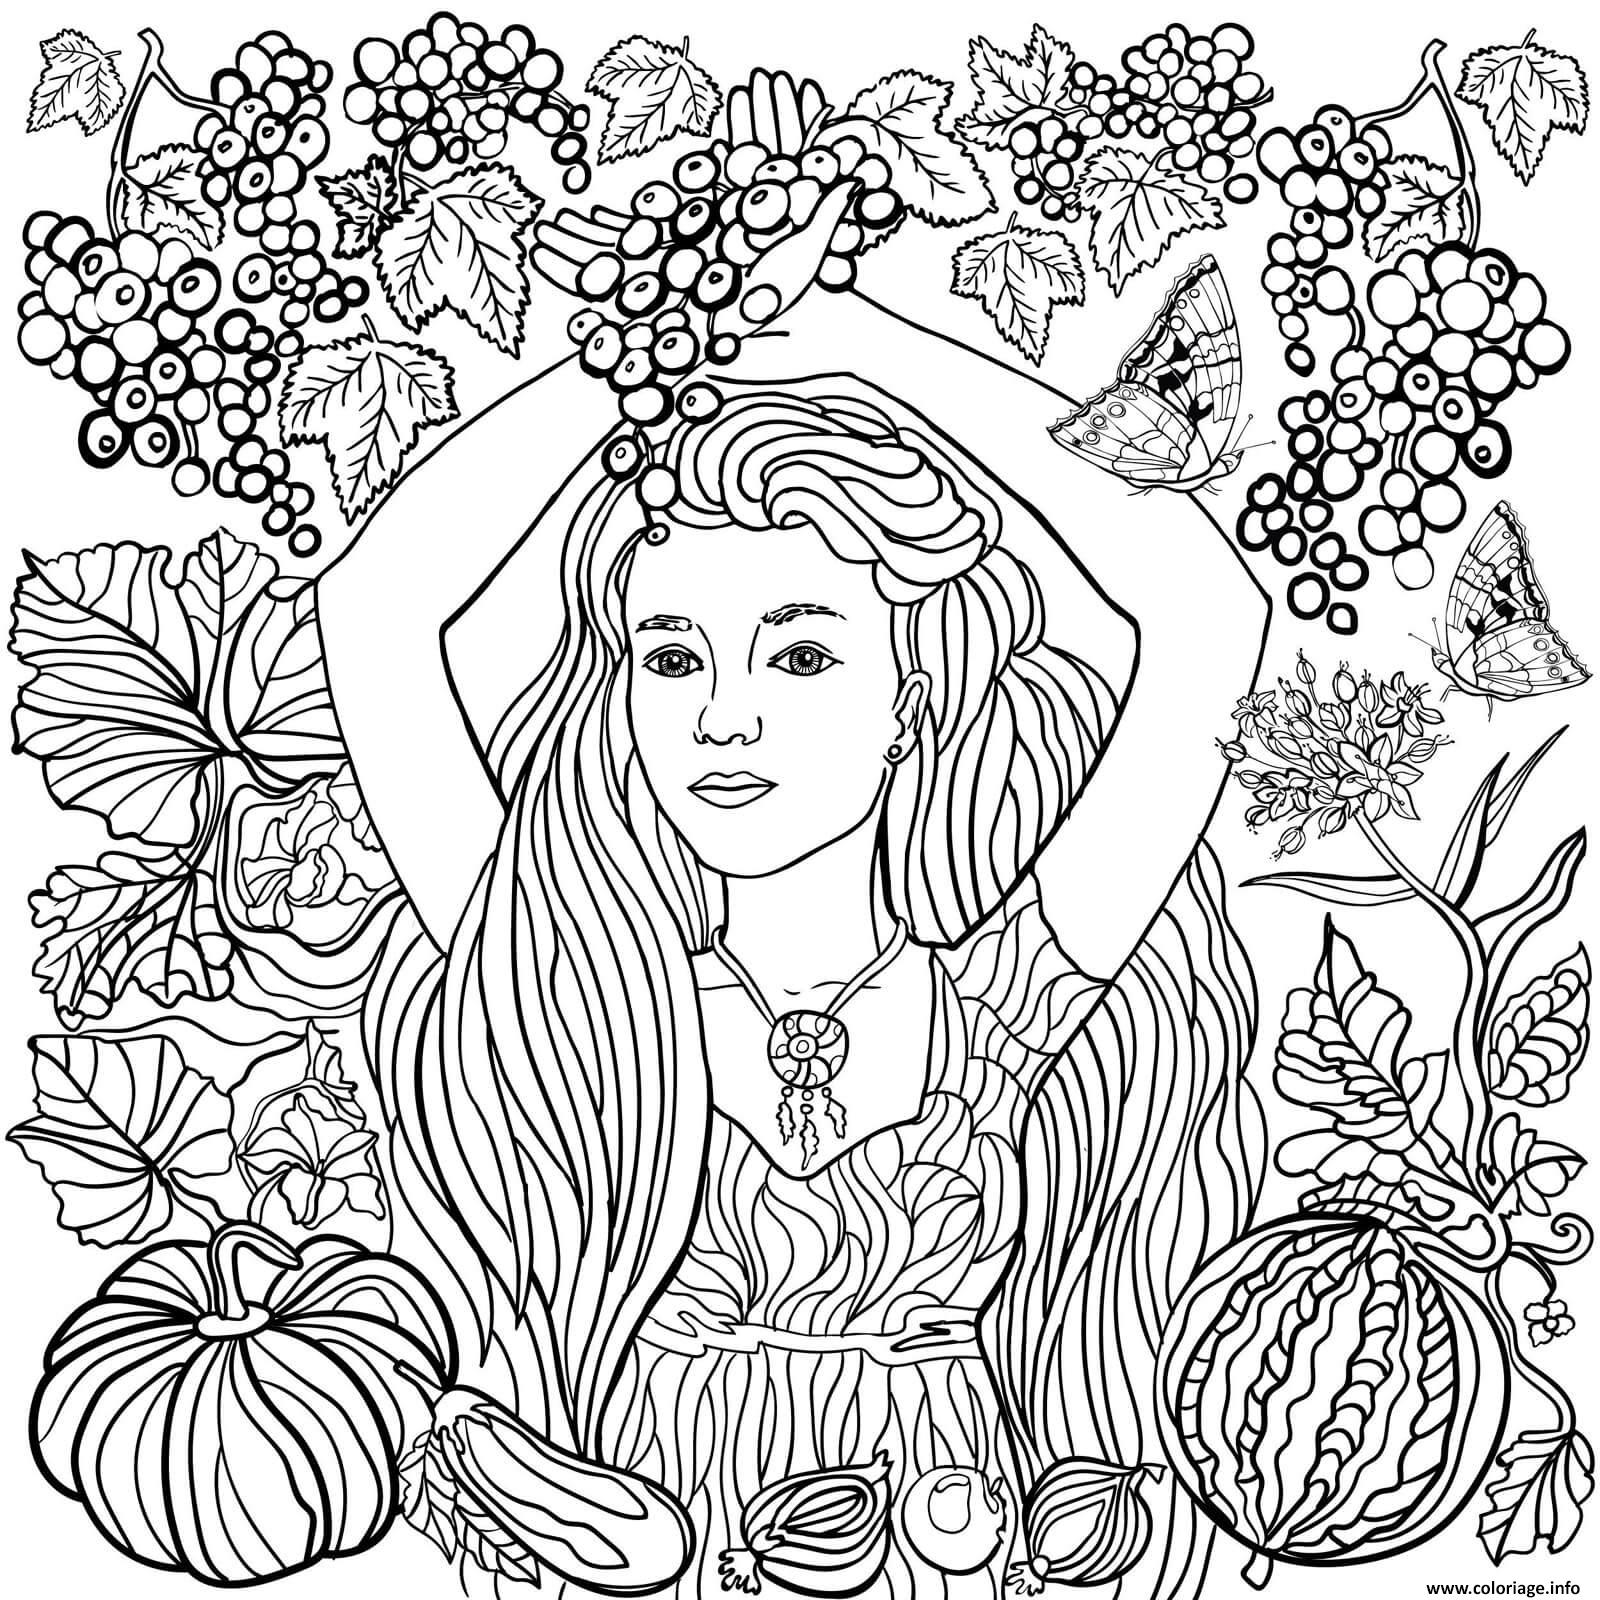 Coloriage fille dans la nature avec des raisins   JeColorie.com